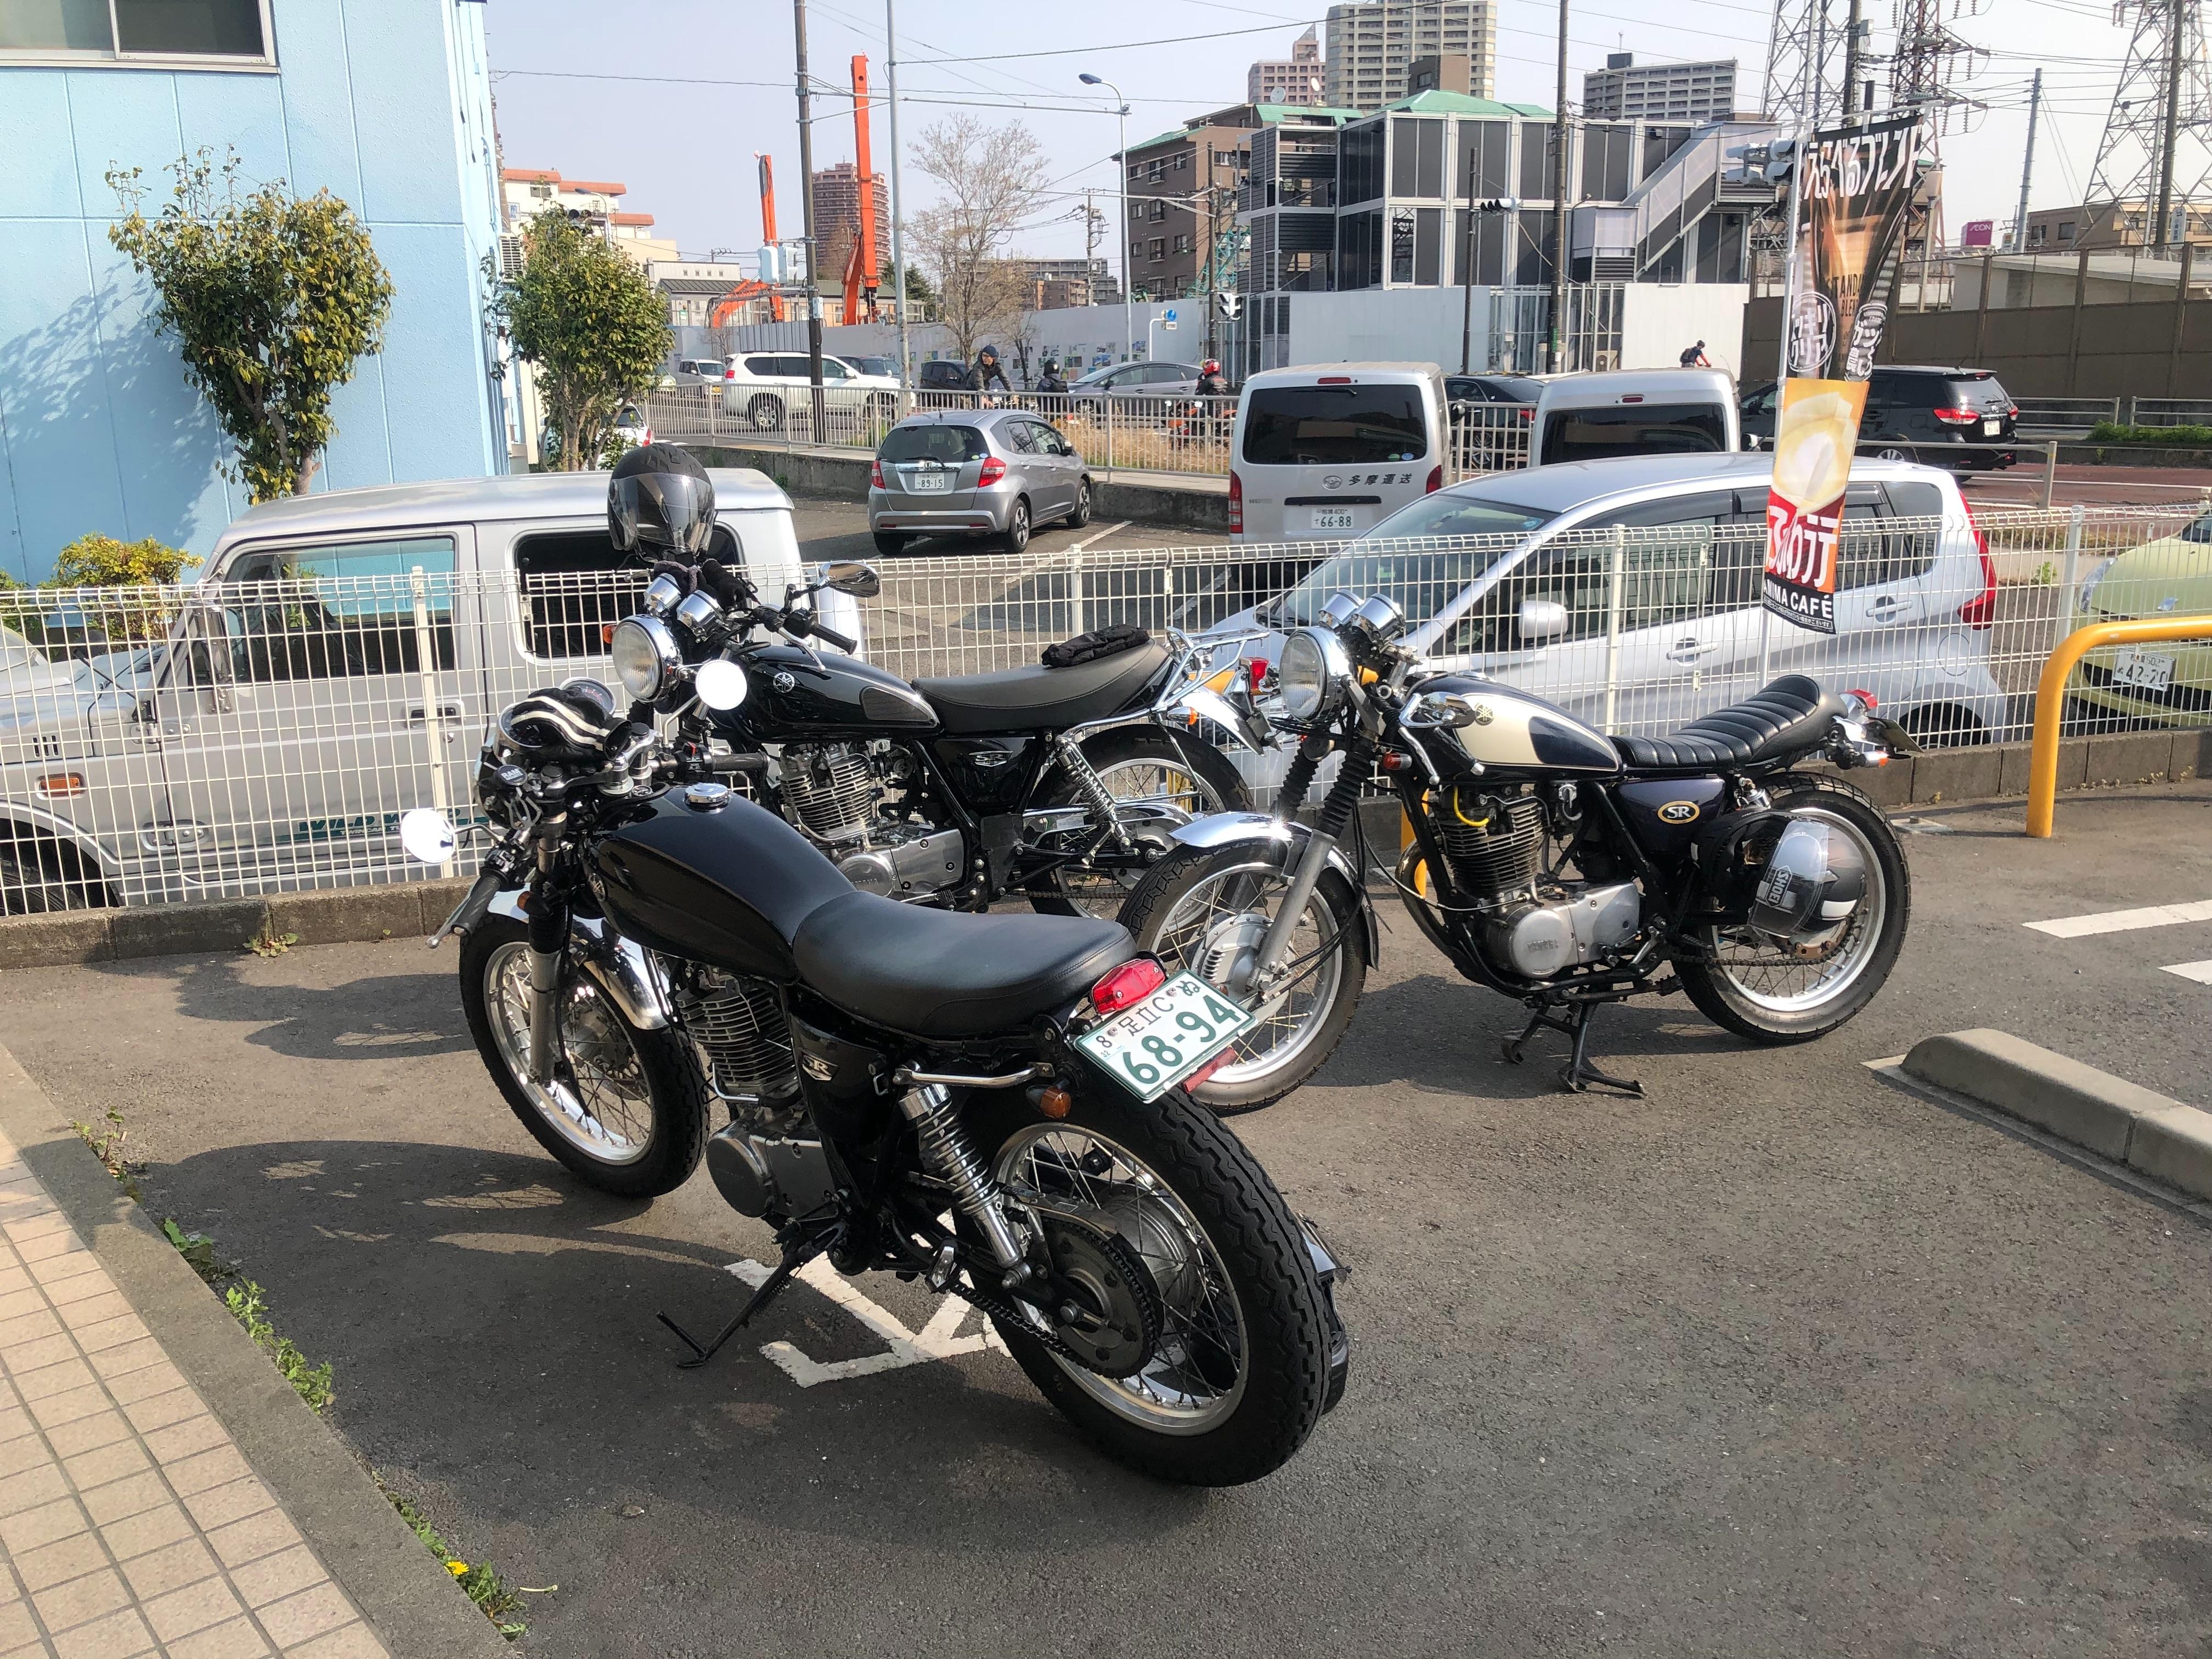 f:id:yukiaveiro:20190605171041j:image